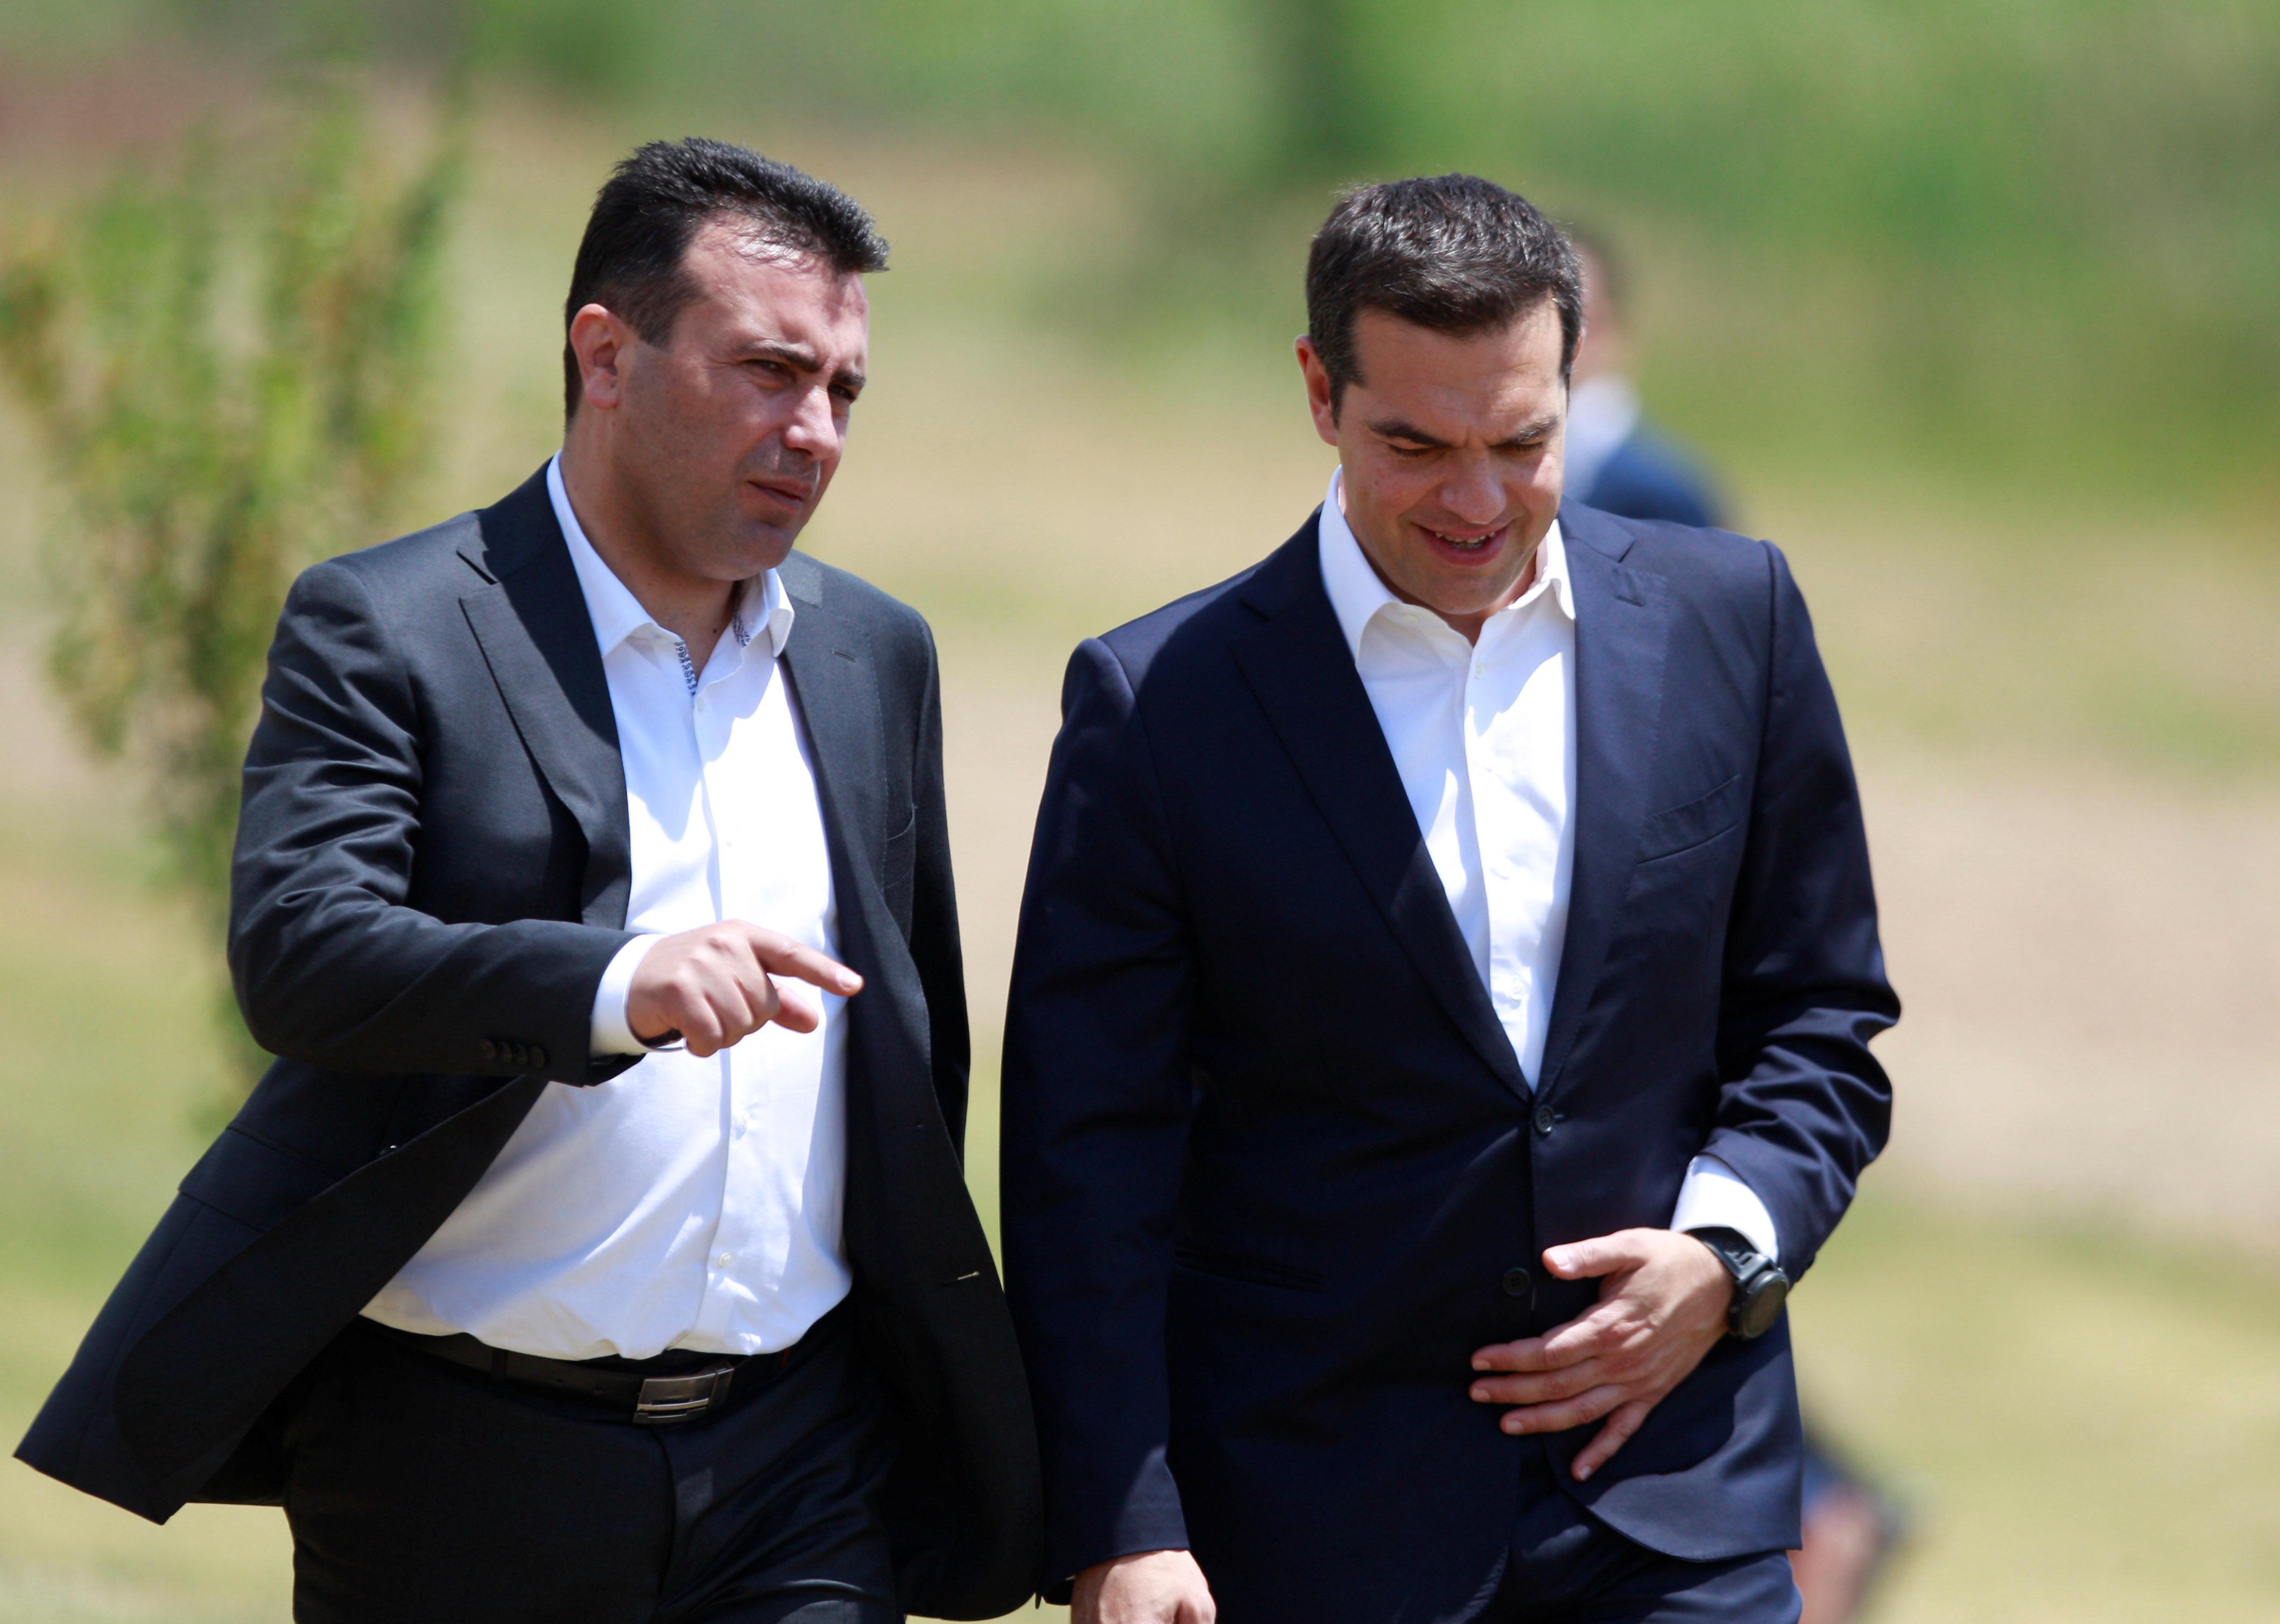 Τηλεφωνική επικοινωνία Τσίπρα με Ζάεφ και συγχαρητήρια από τον έλληνα